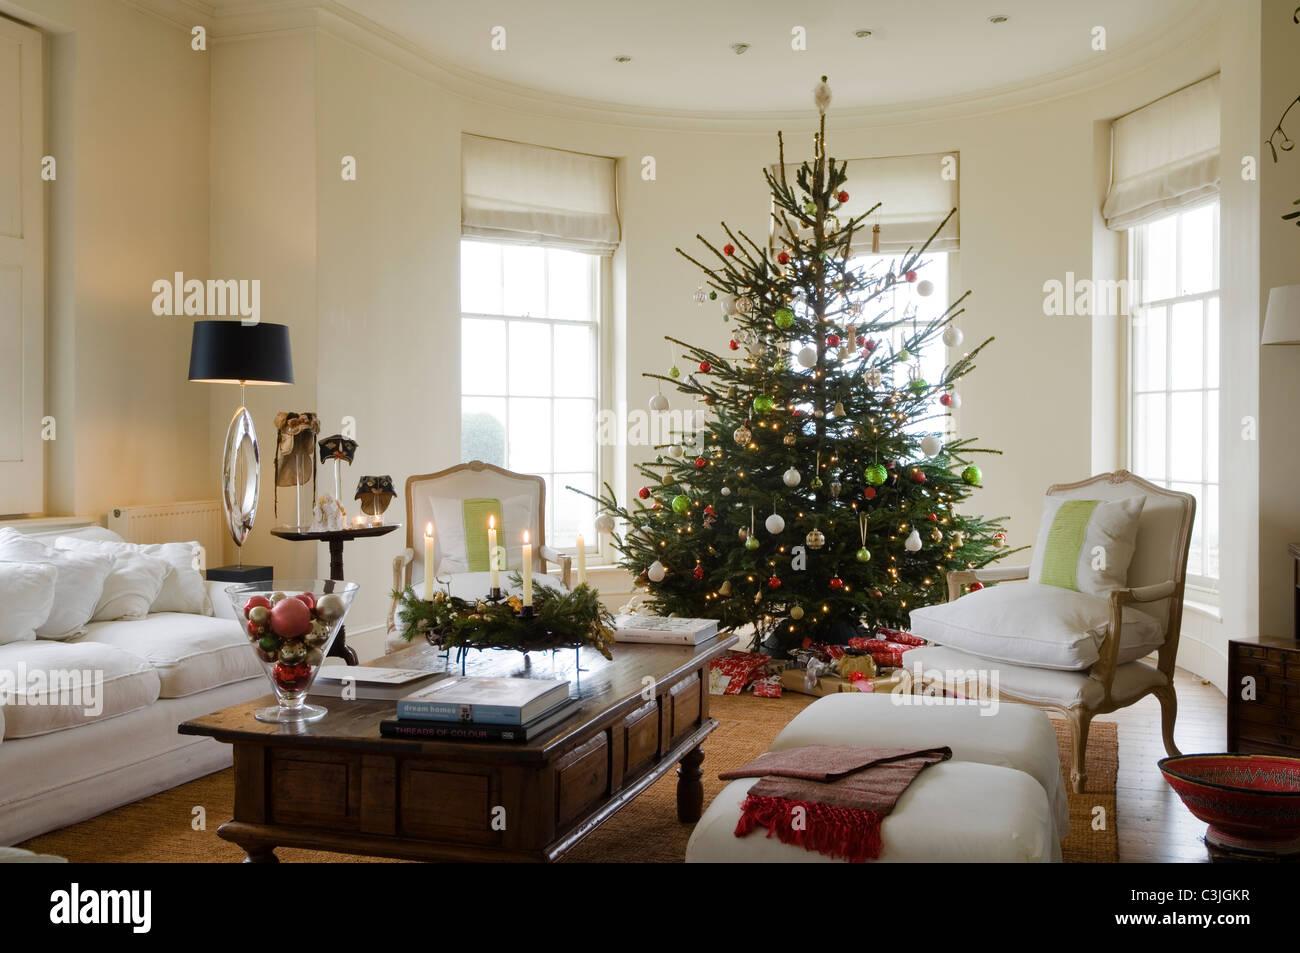 Árbol de navidad decorado con bolas en Regency salón con sillones y velas Imagen De Stock